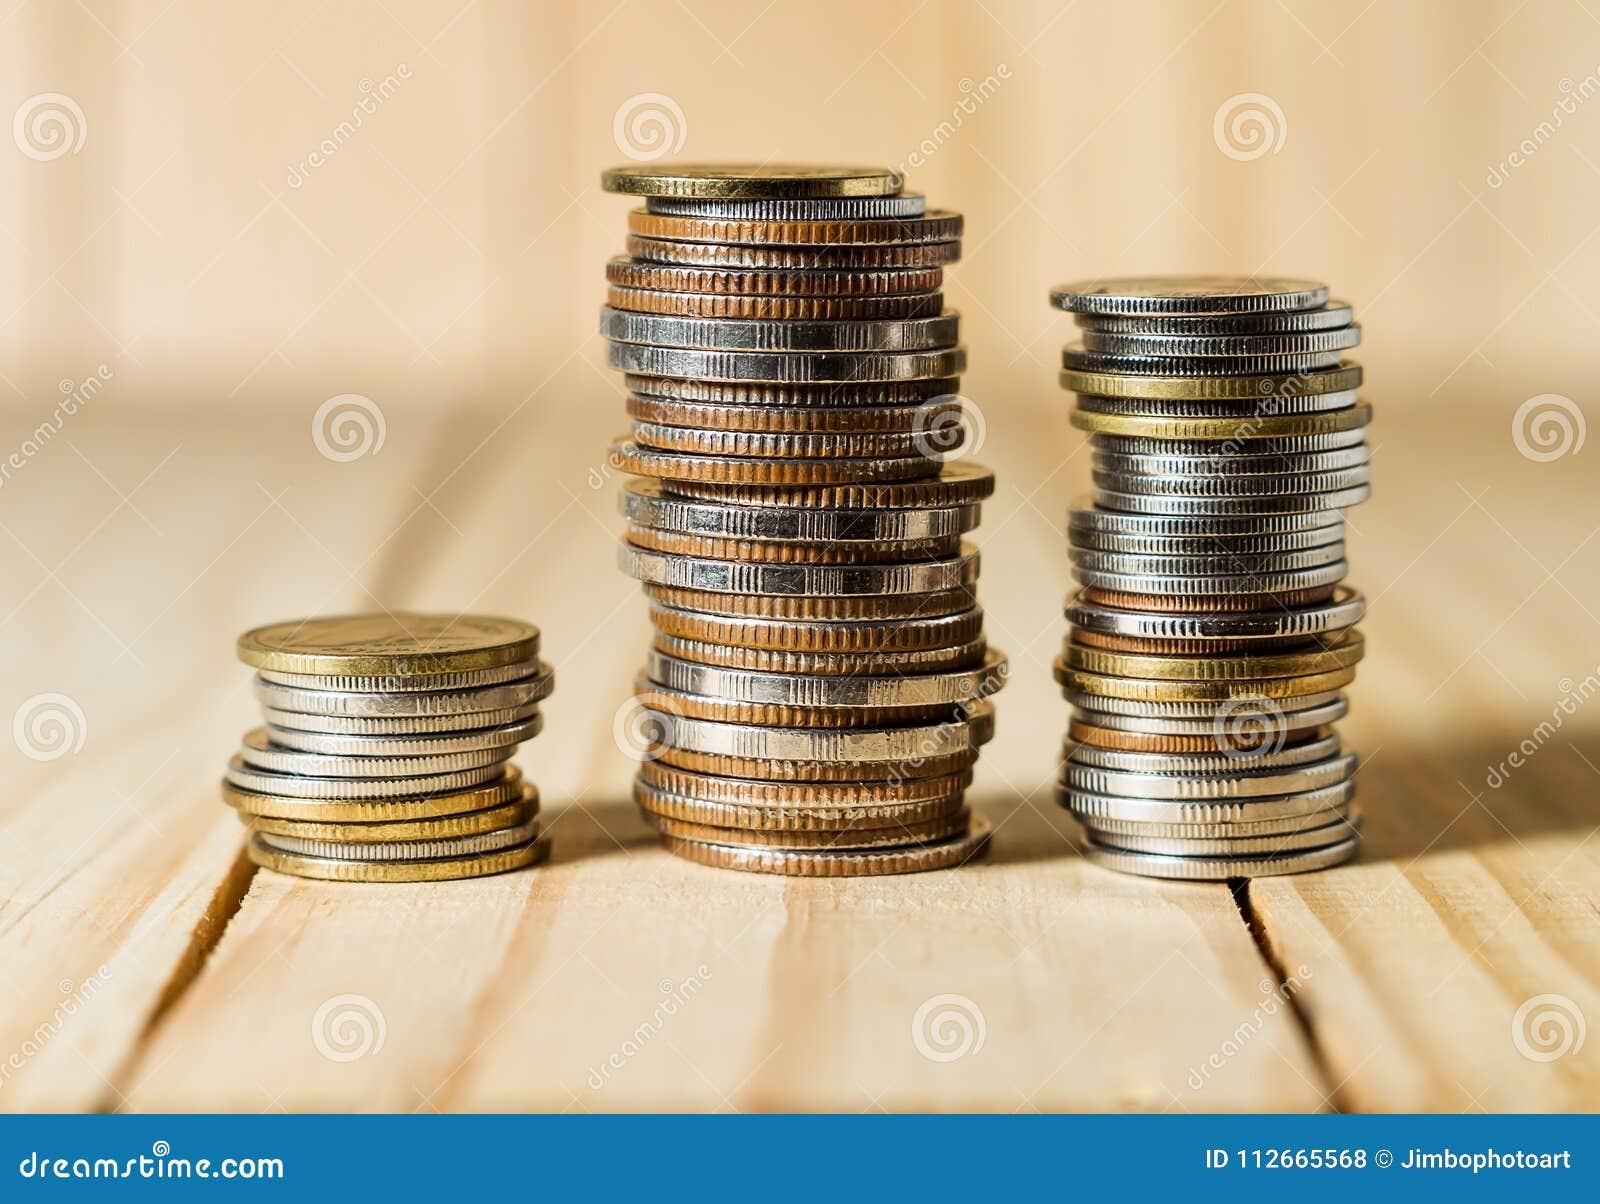 Risparmi i soldi e rappresenti attività bancarie il concetto di affari di finanza